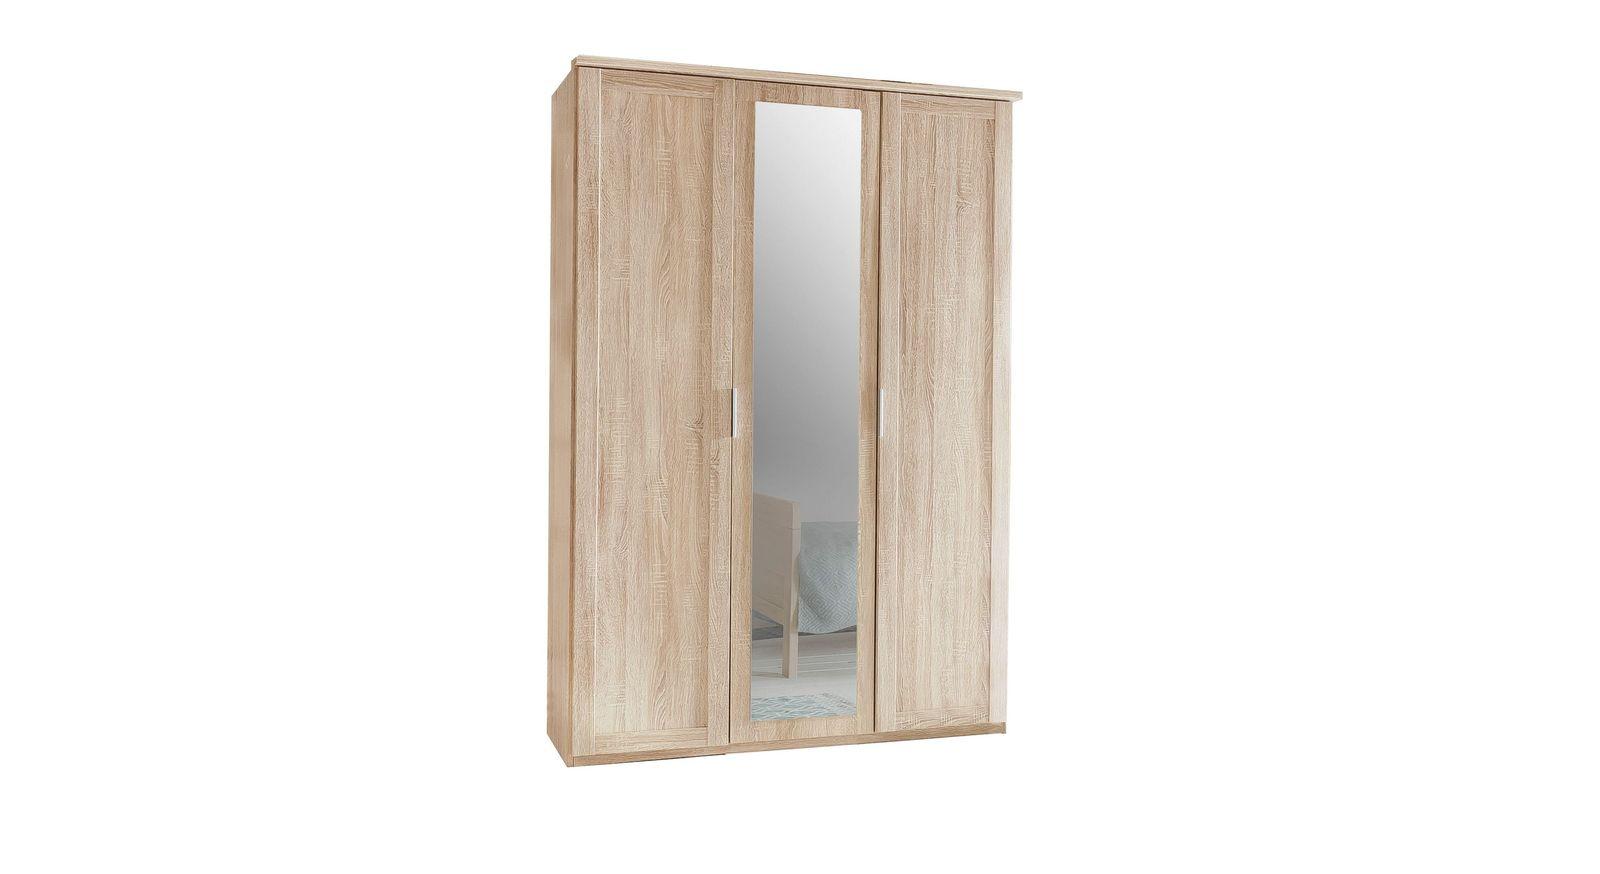 Drehtüren-Kleiderschrank Sinello mit 3 Türen und Spiegel